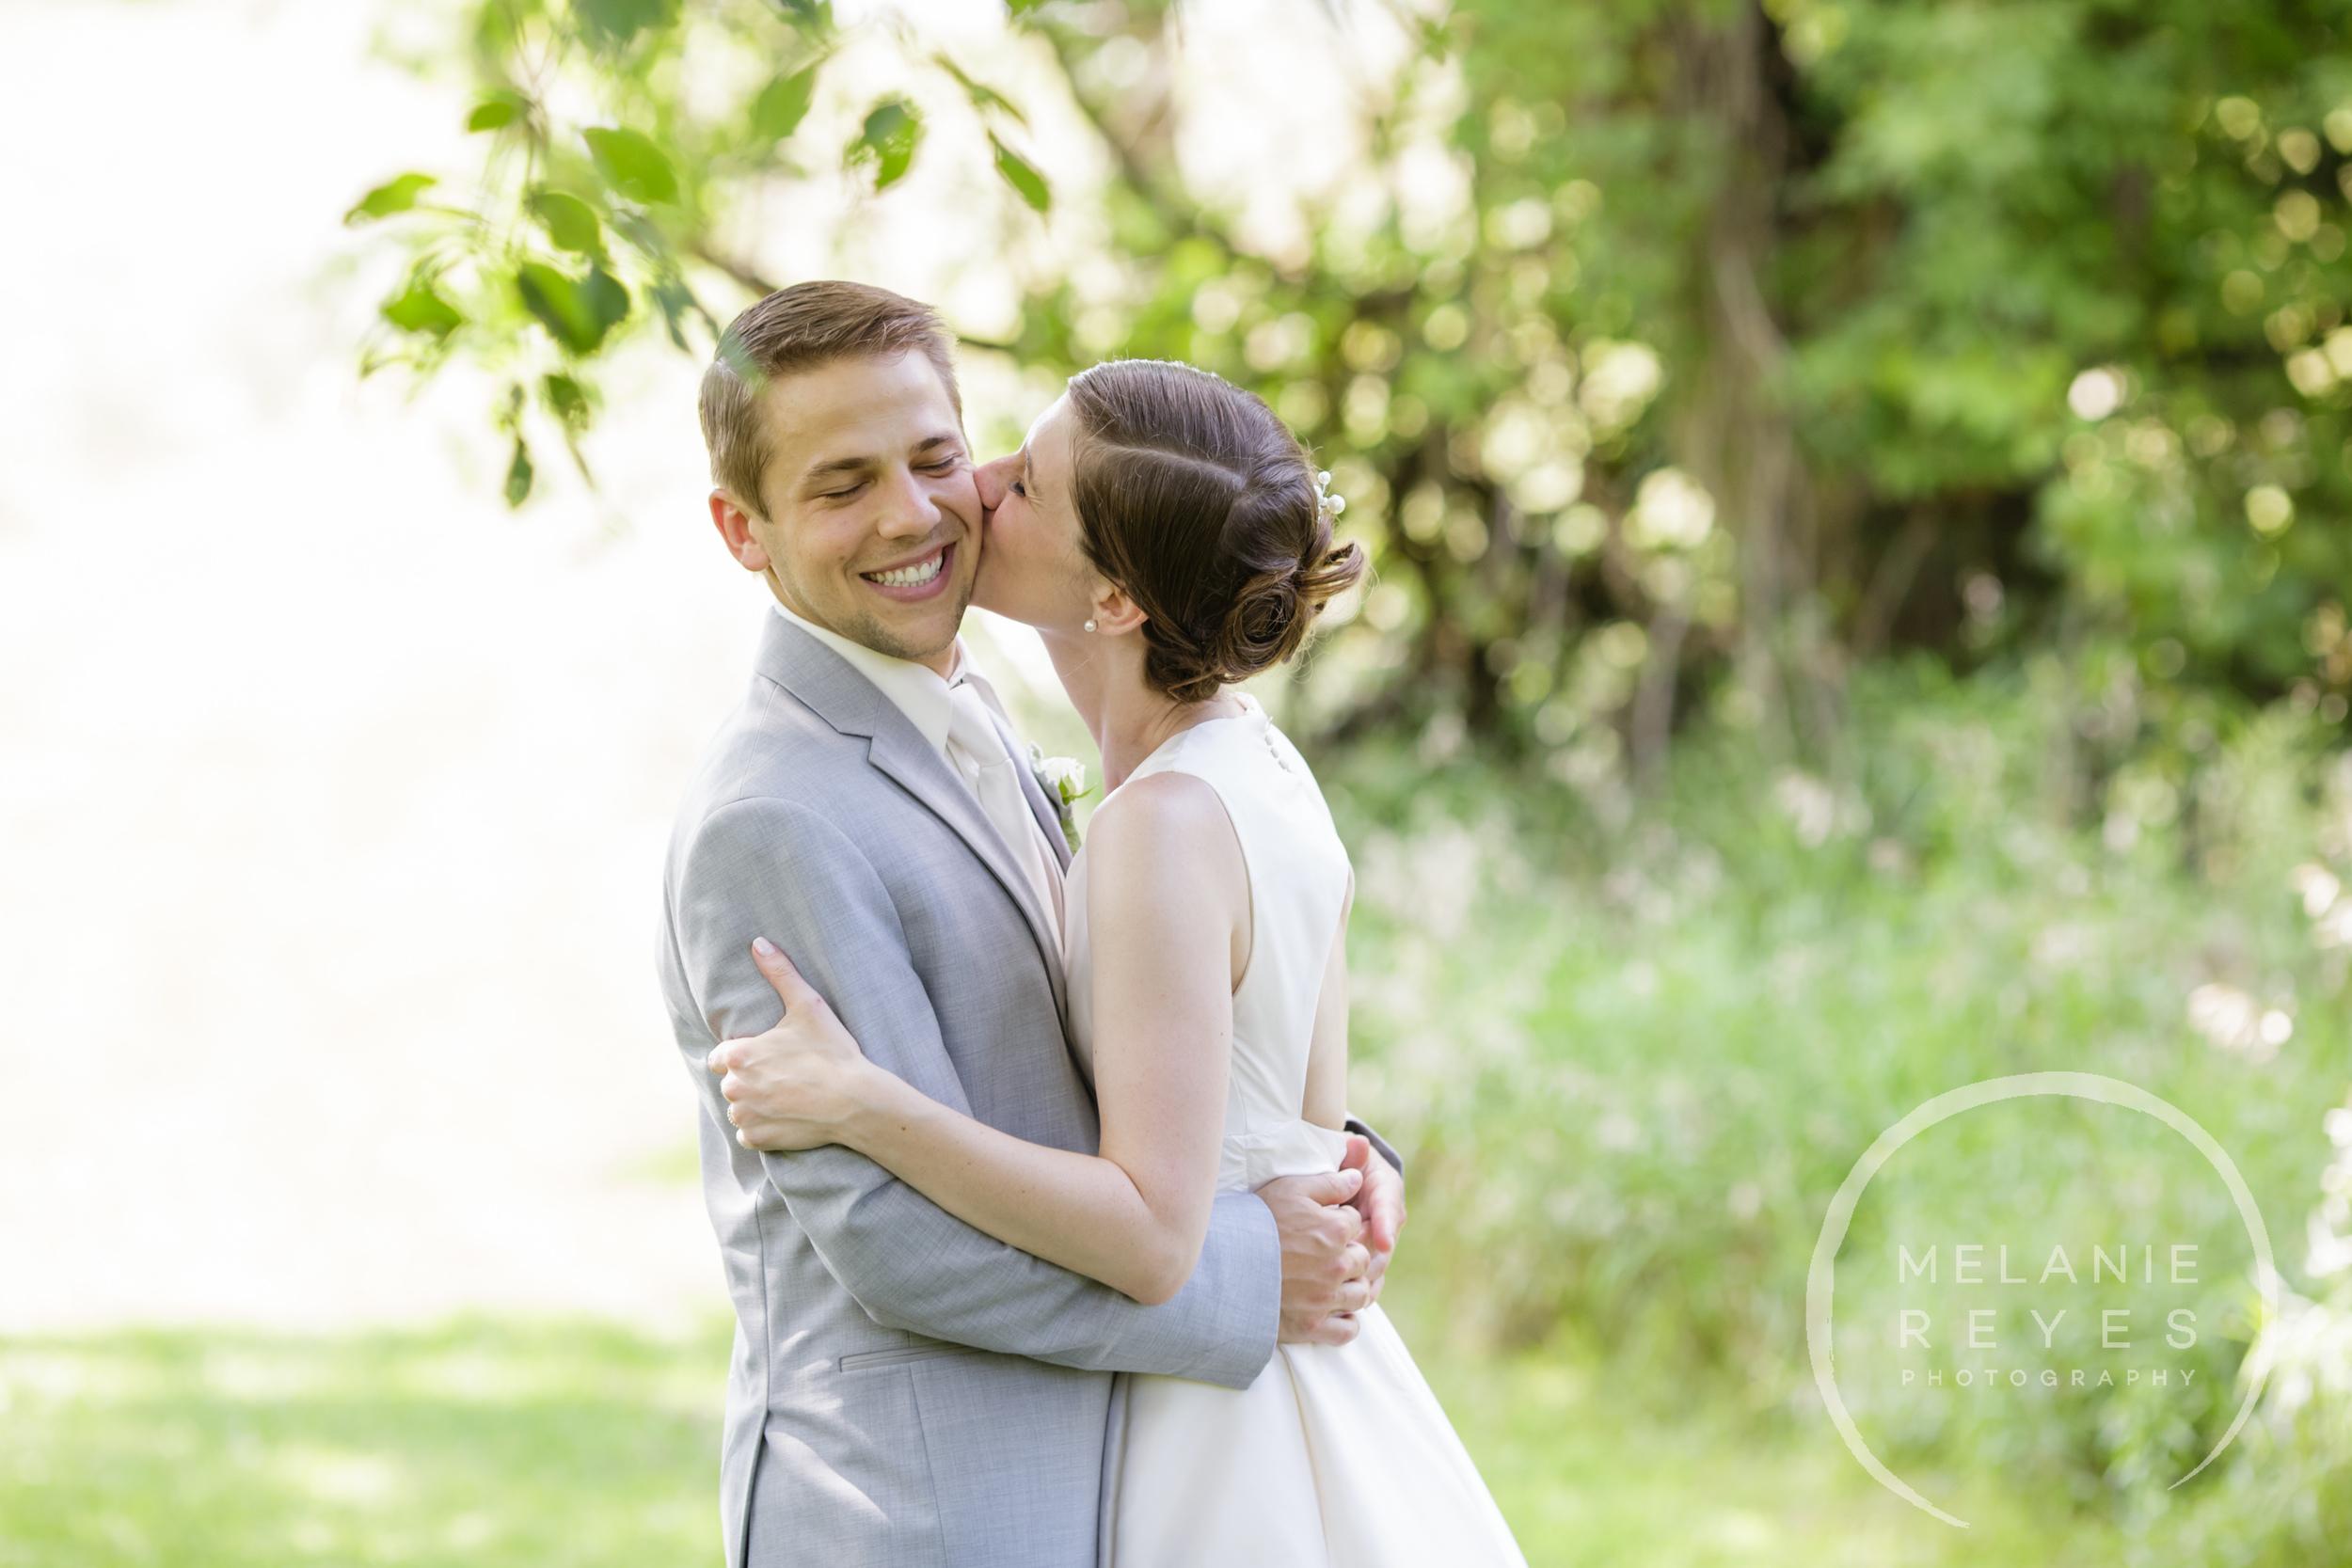 024_farm_wedding_melanie_reyes.JPG